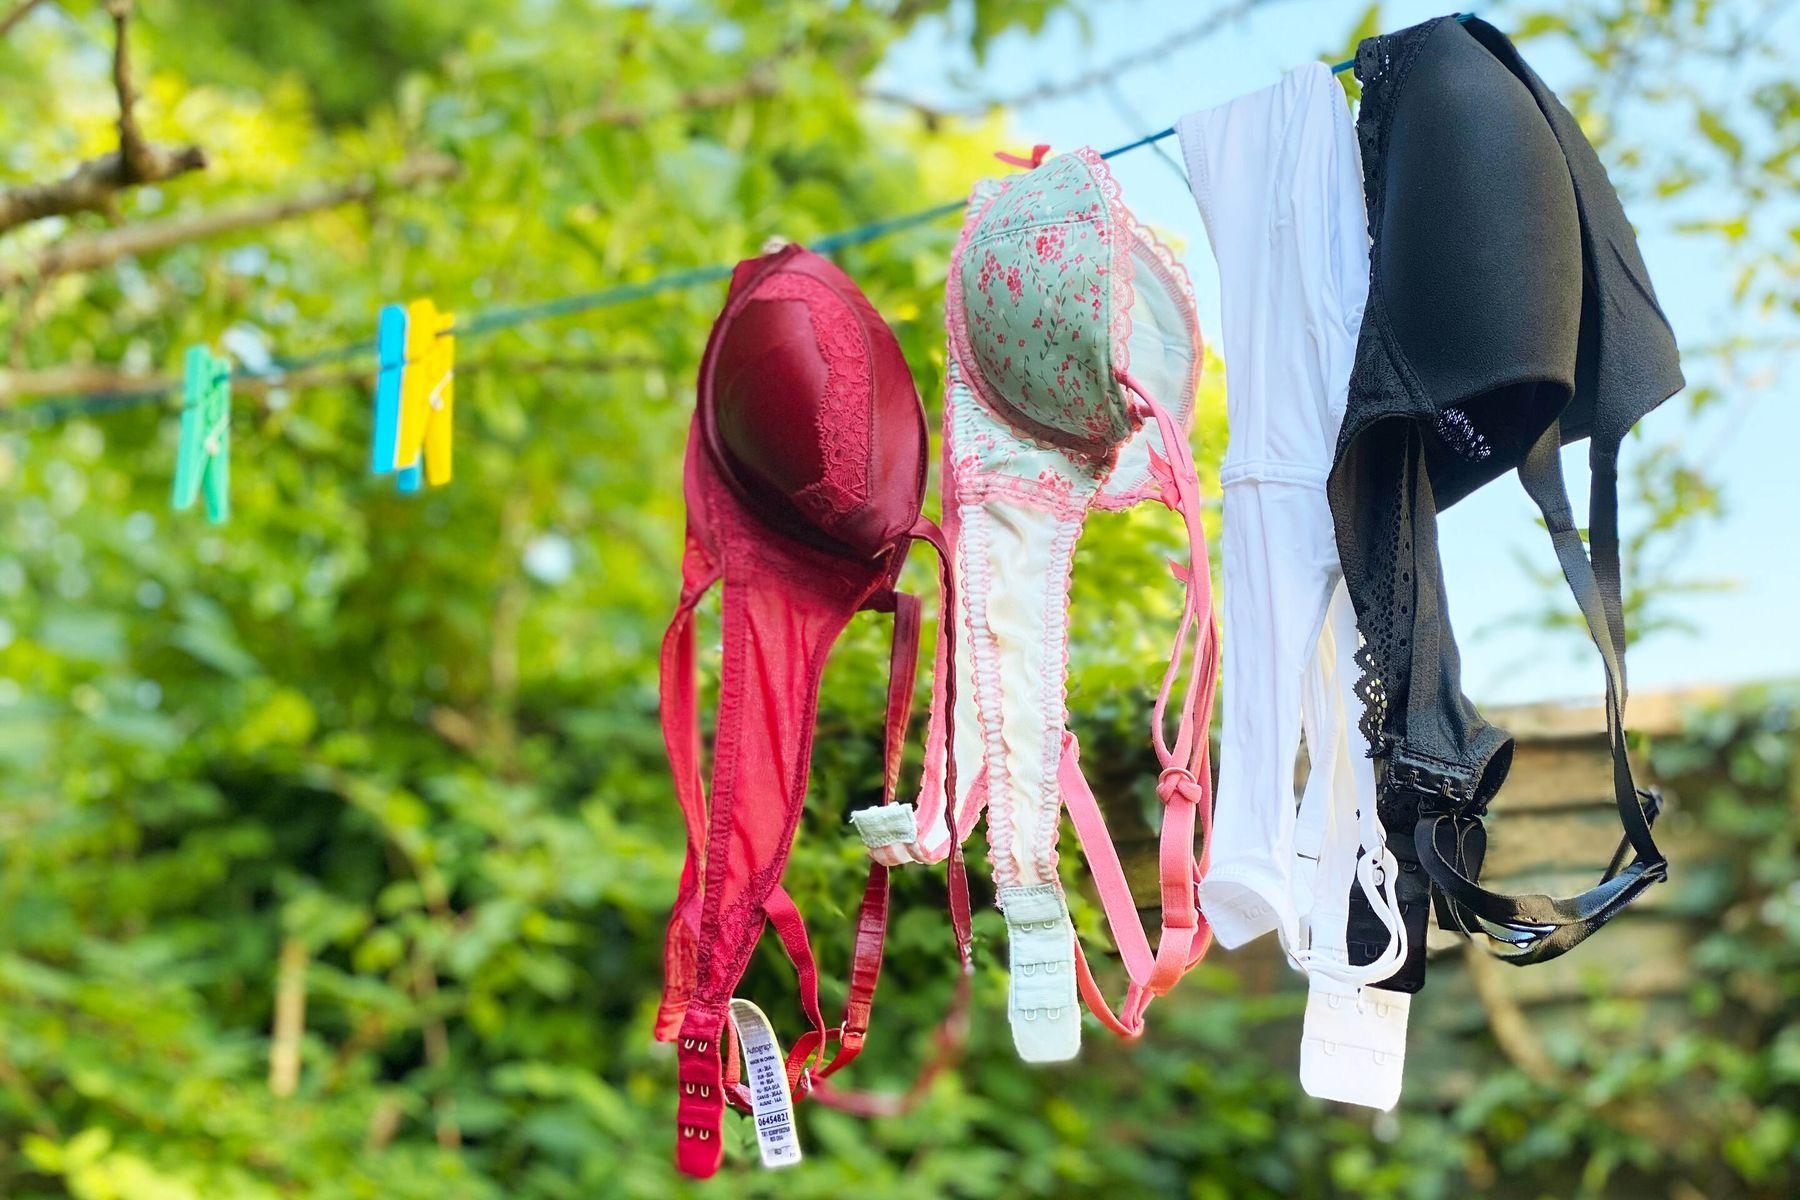 iç çamaşırı nasıl temizlenir